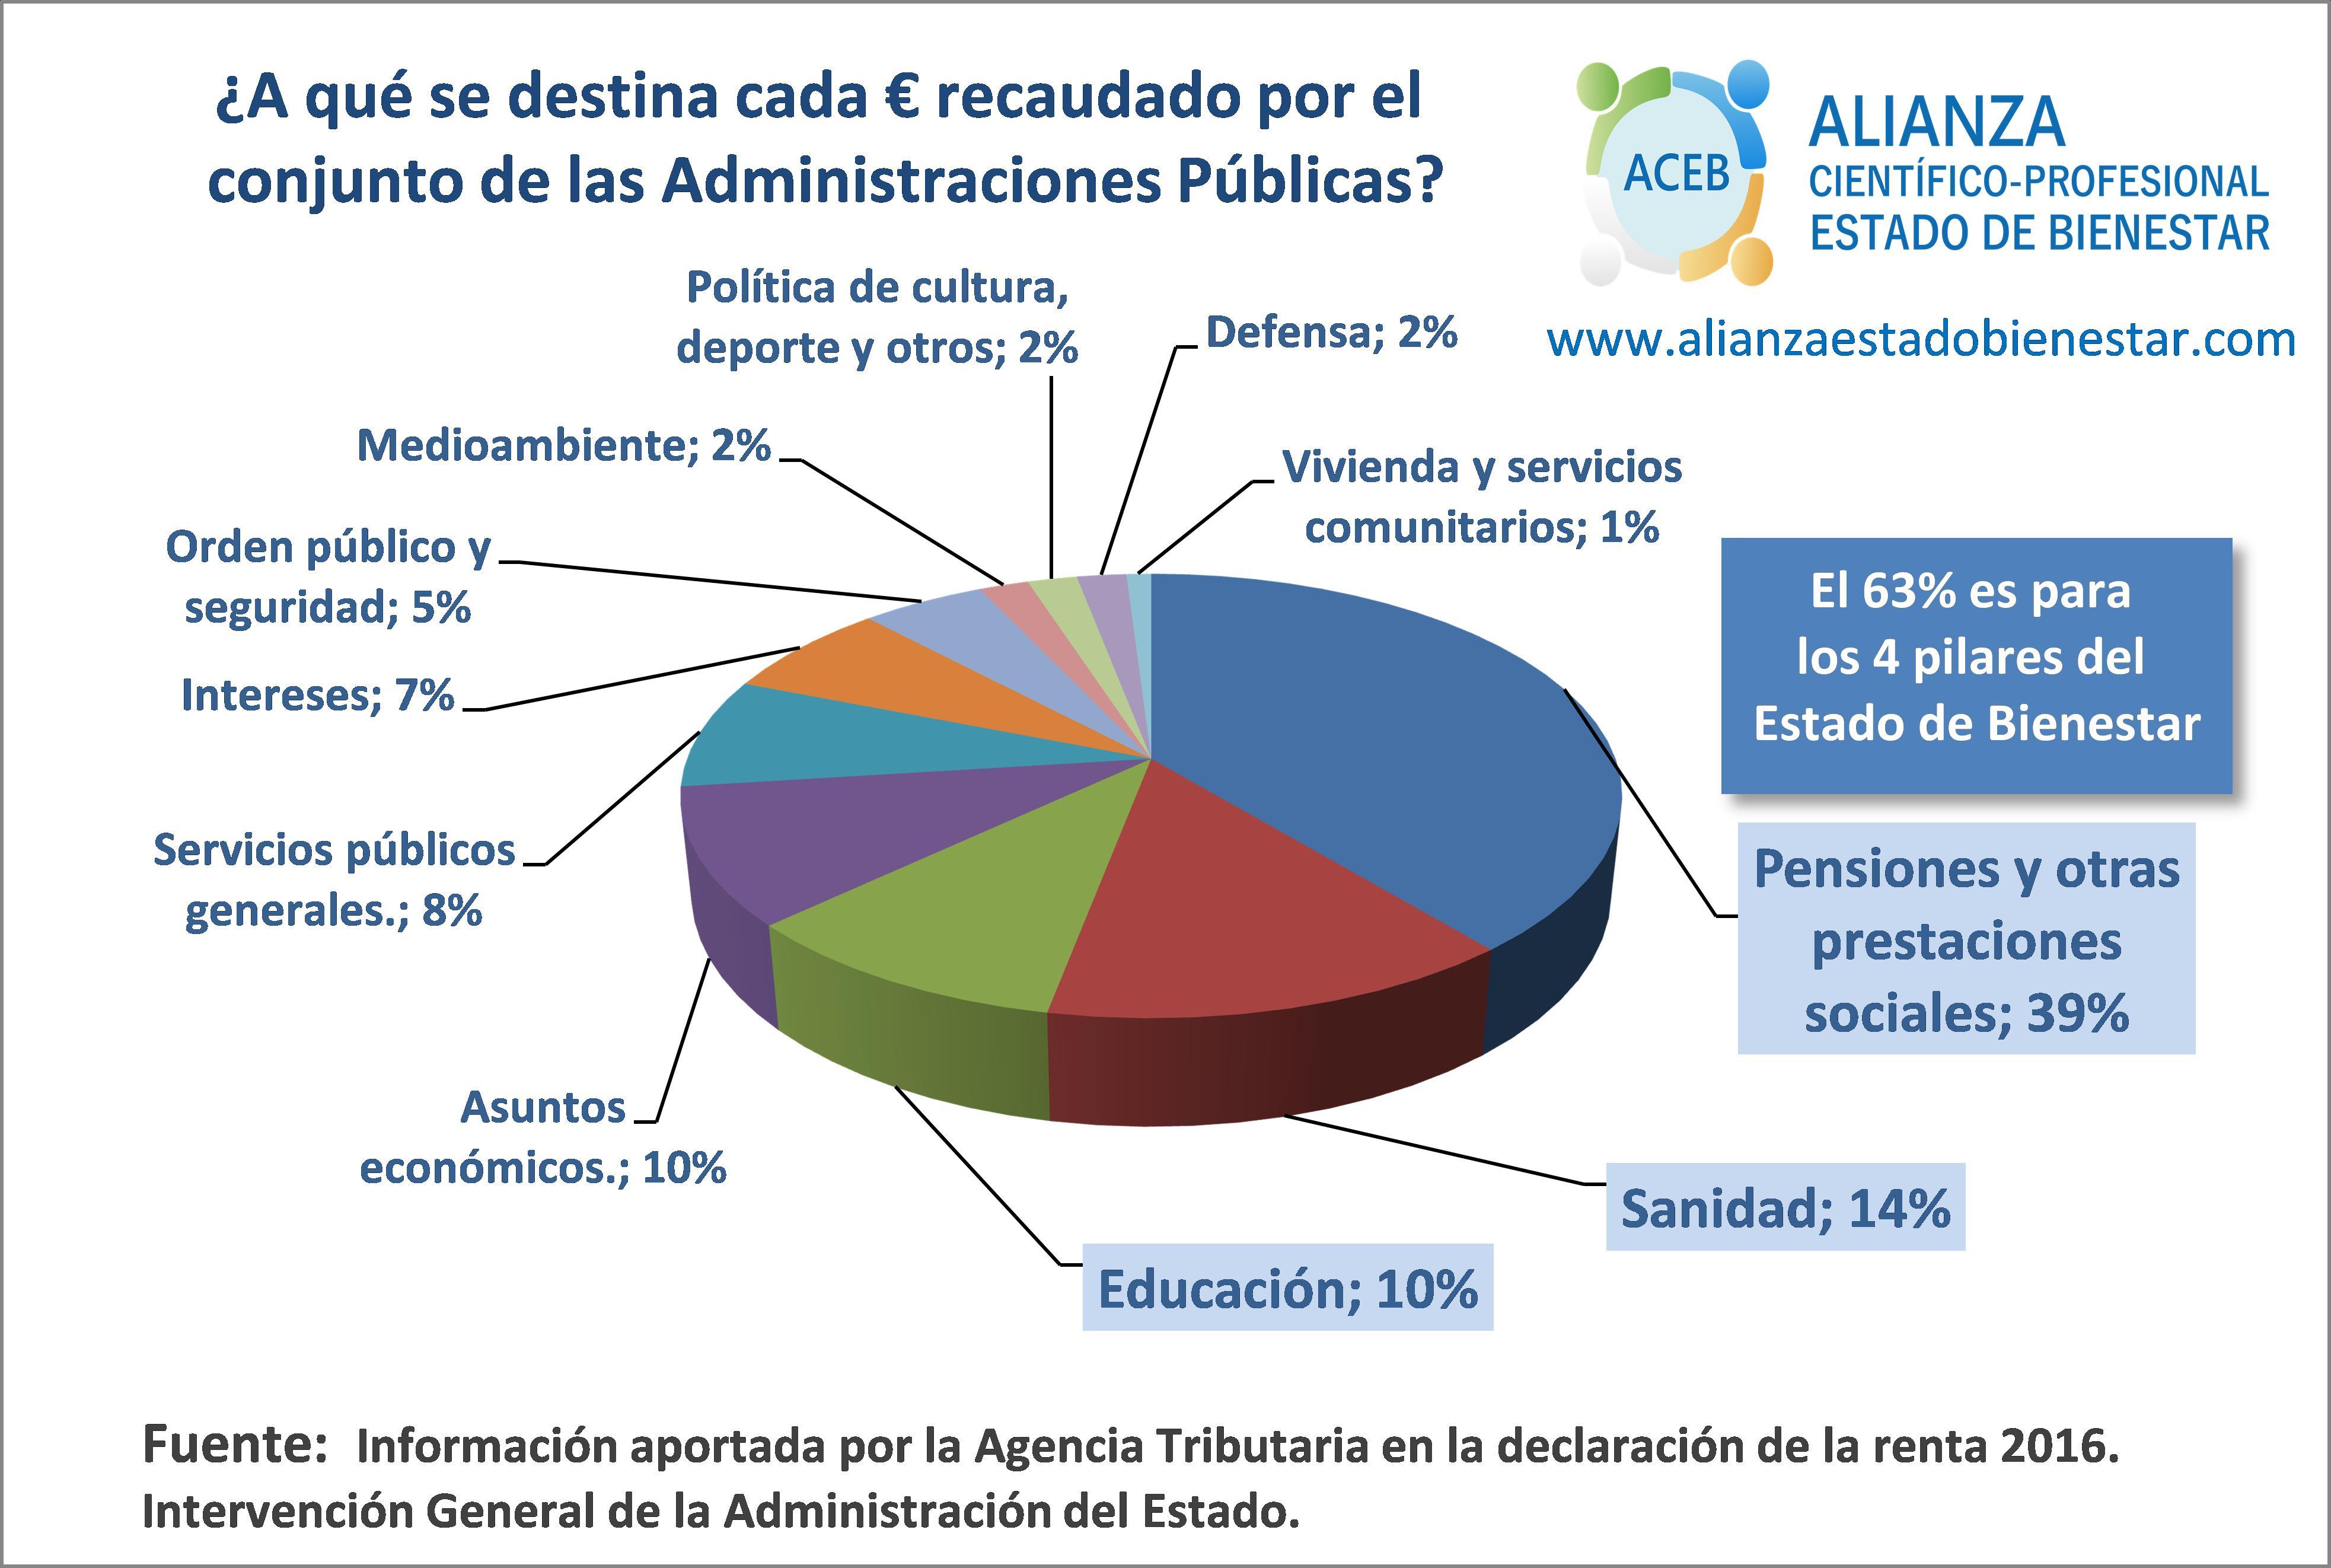 Gasto Público (renta 2016) en los 4 pilares del Estado de Bienestar